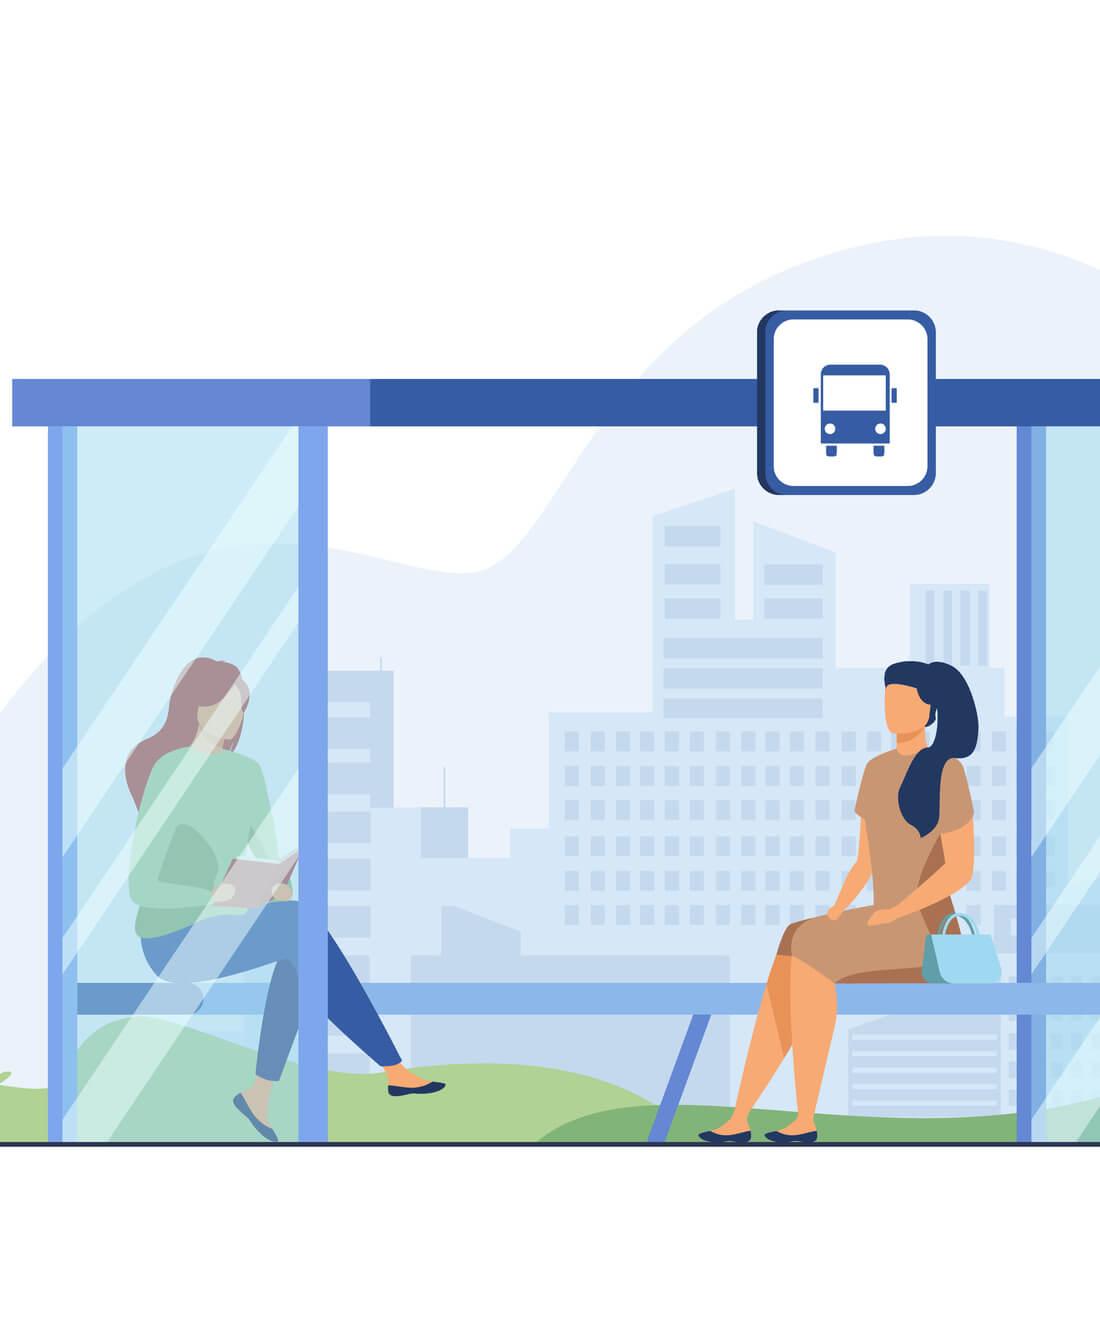 Полный SEO/Юзабилити ауди сайта с графиками движения транспорта - кейс iPapus Agency